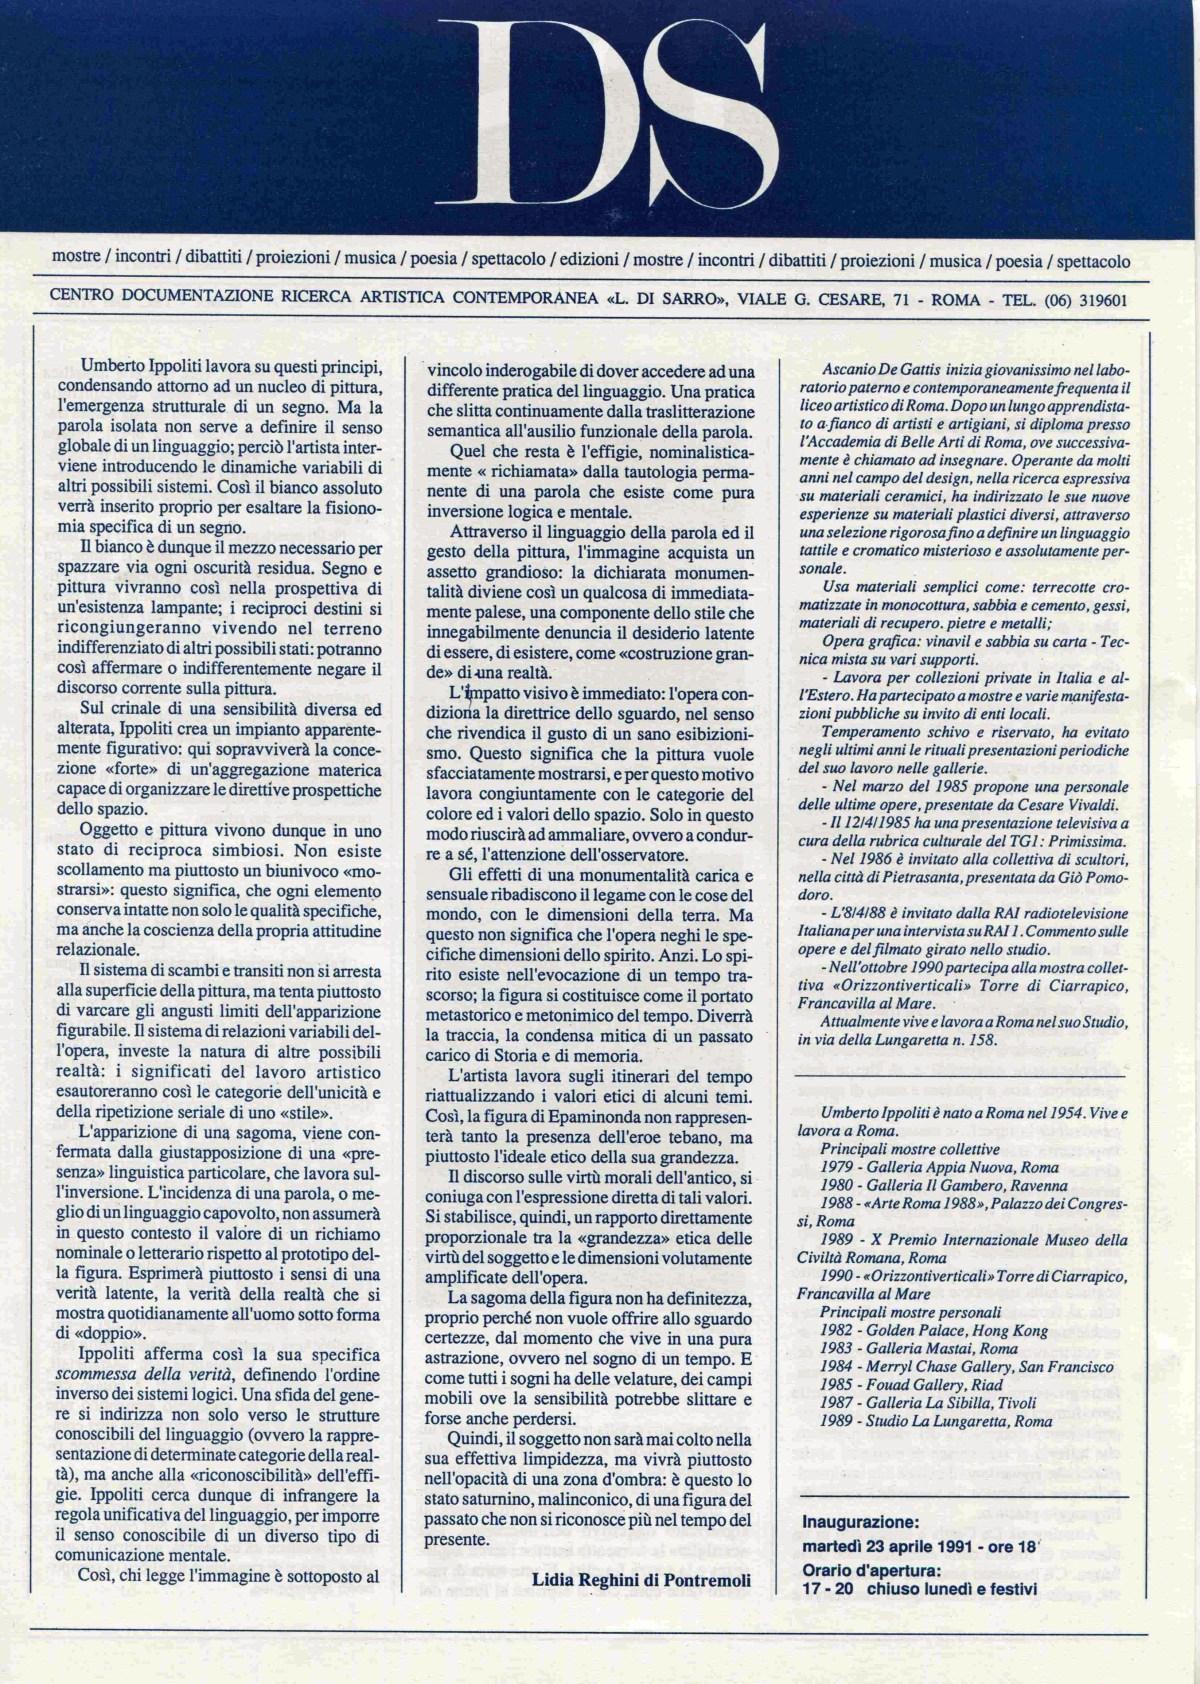 Ascanio De Gattis, Umberto Ippoliti 23 aprile - 11 maggio 1991